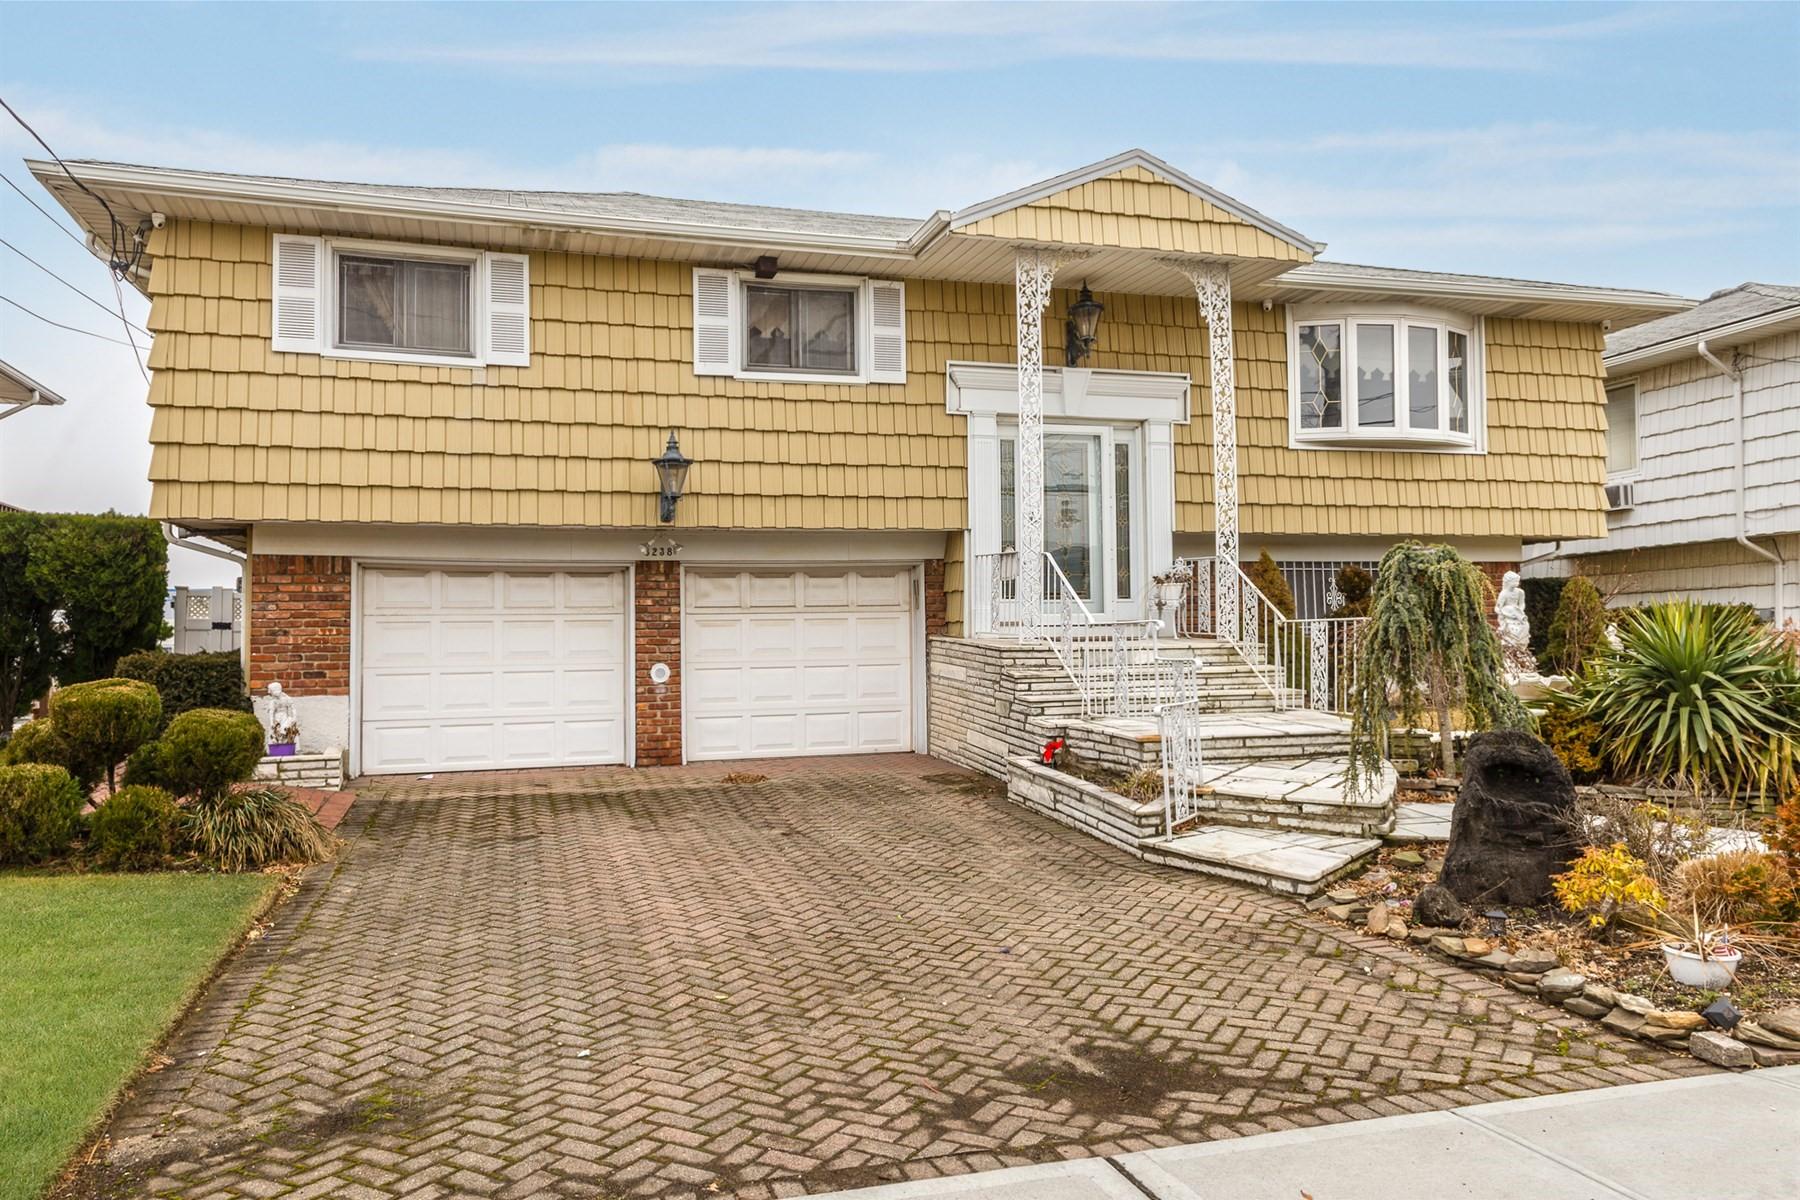 Частный односемейный дом для того Продажа на 3238 Ocean Harbor Dr , Oceanside, NY 11572 3238 Ocean Harbor Dr, Oceanside, Нью-Йорк, 11572 Соединенные Штаты